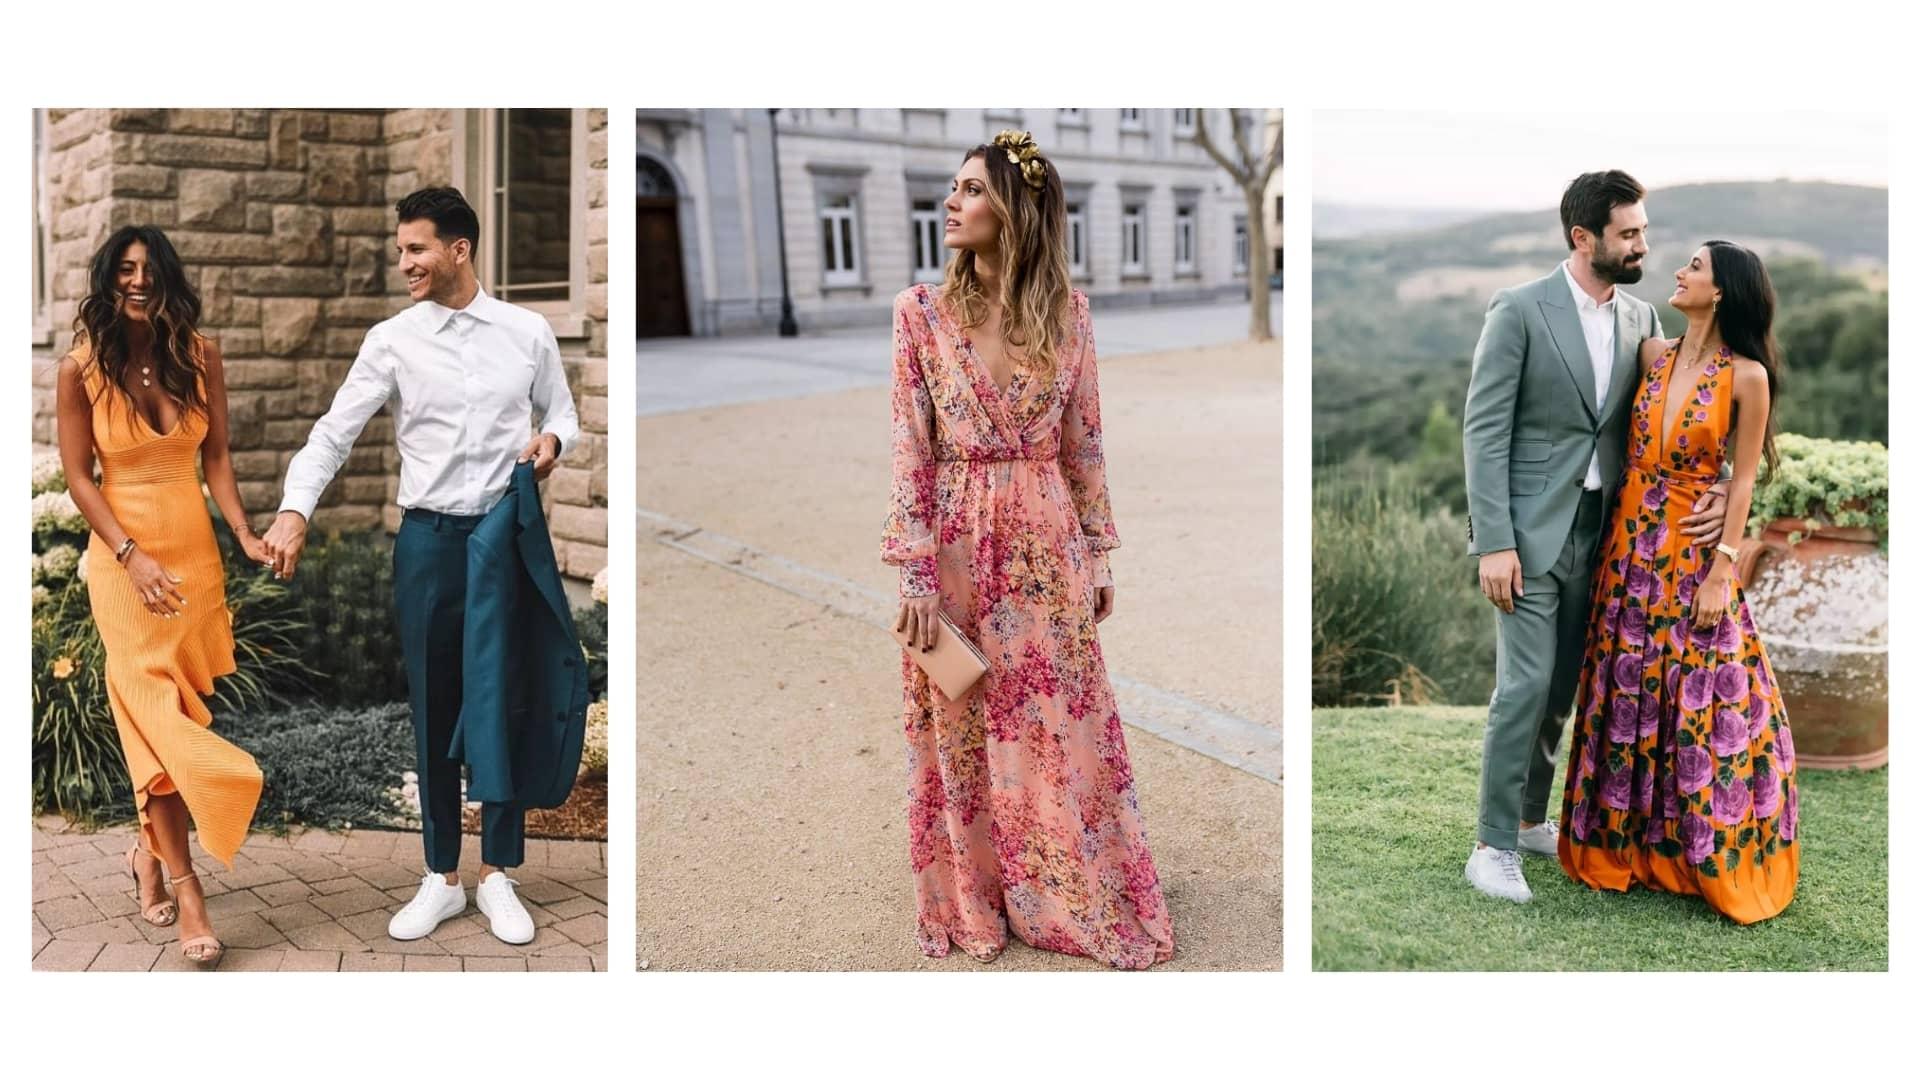 Vilma Wedding & Event Planner _ santuokos organizatorė užsienyje _ Vilma Rapšaitė _ vestuvės Italijoje _ vestuvių svečio apranga _ vestuvės Toskanoje _ pagarba jauniesiems _ patarimai